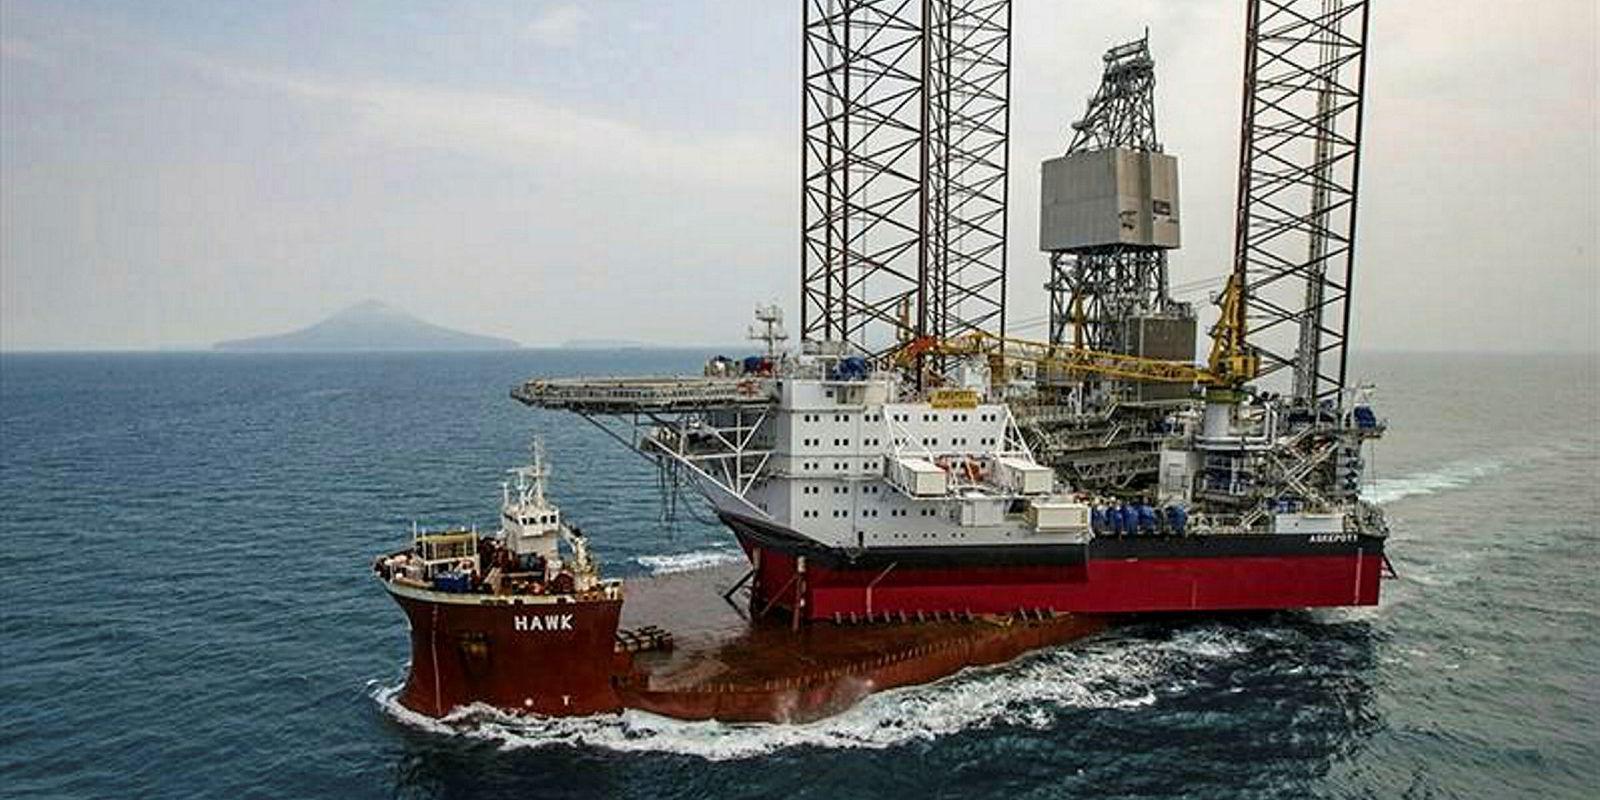 Lawsuit: OHT ship damages Navy newbuild in crash | TradeWinds